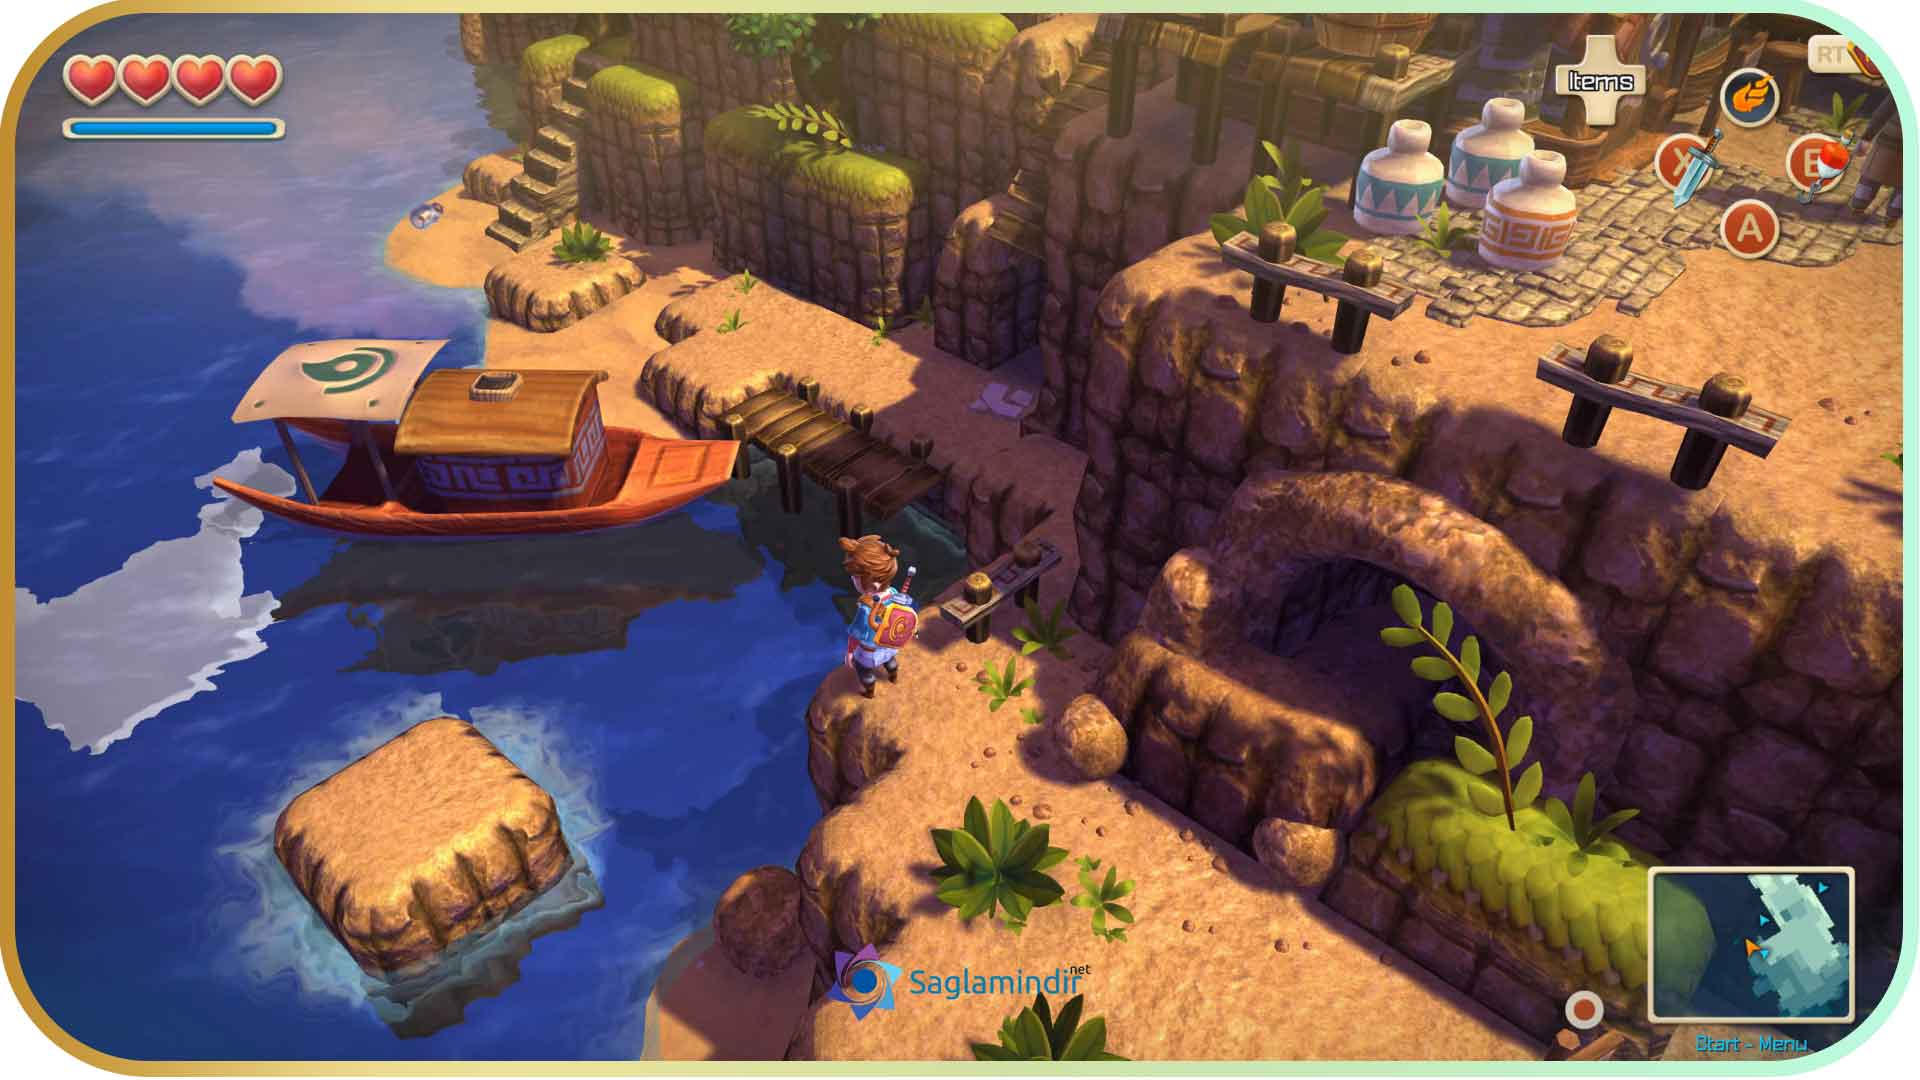 Oceanhorn Monster of Uncharted Seas saglamindir